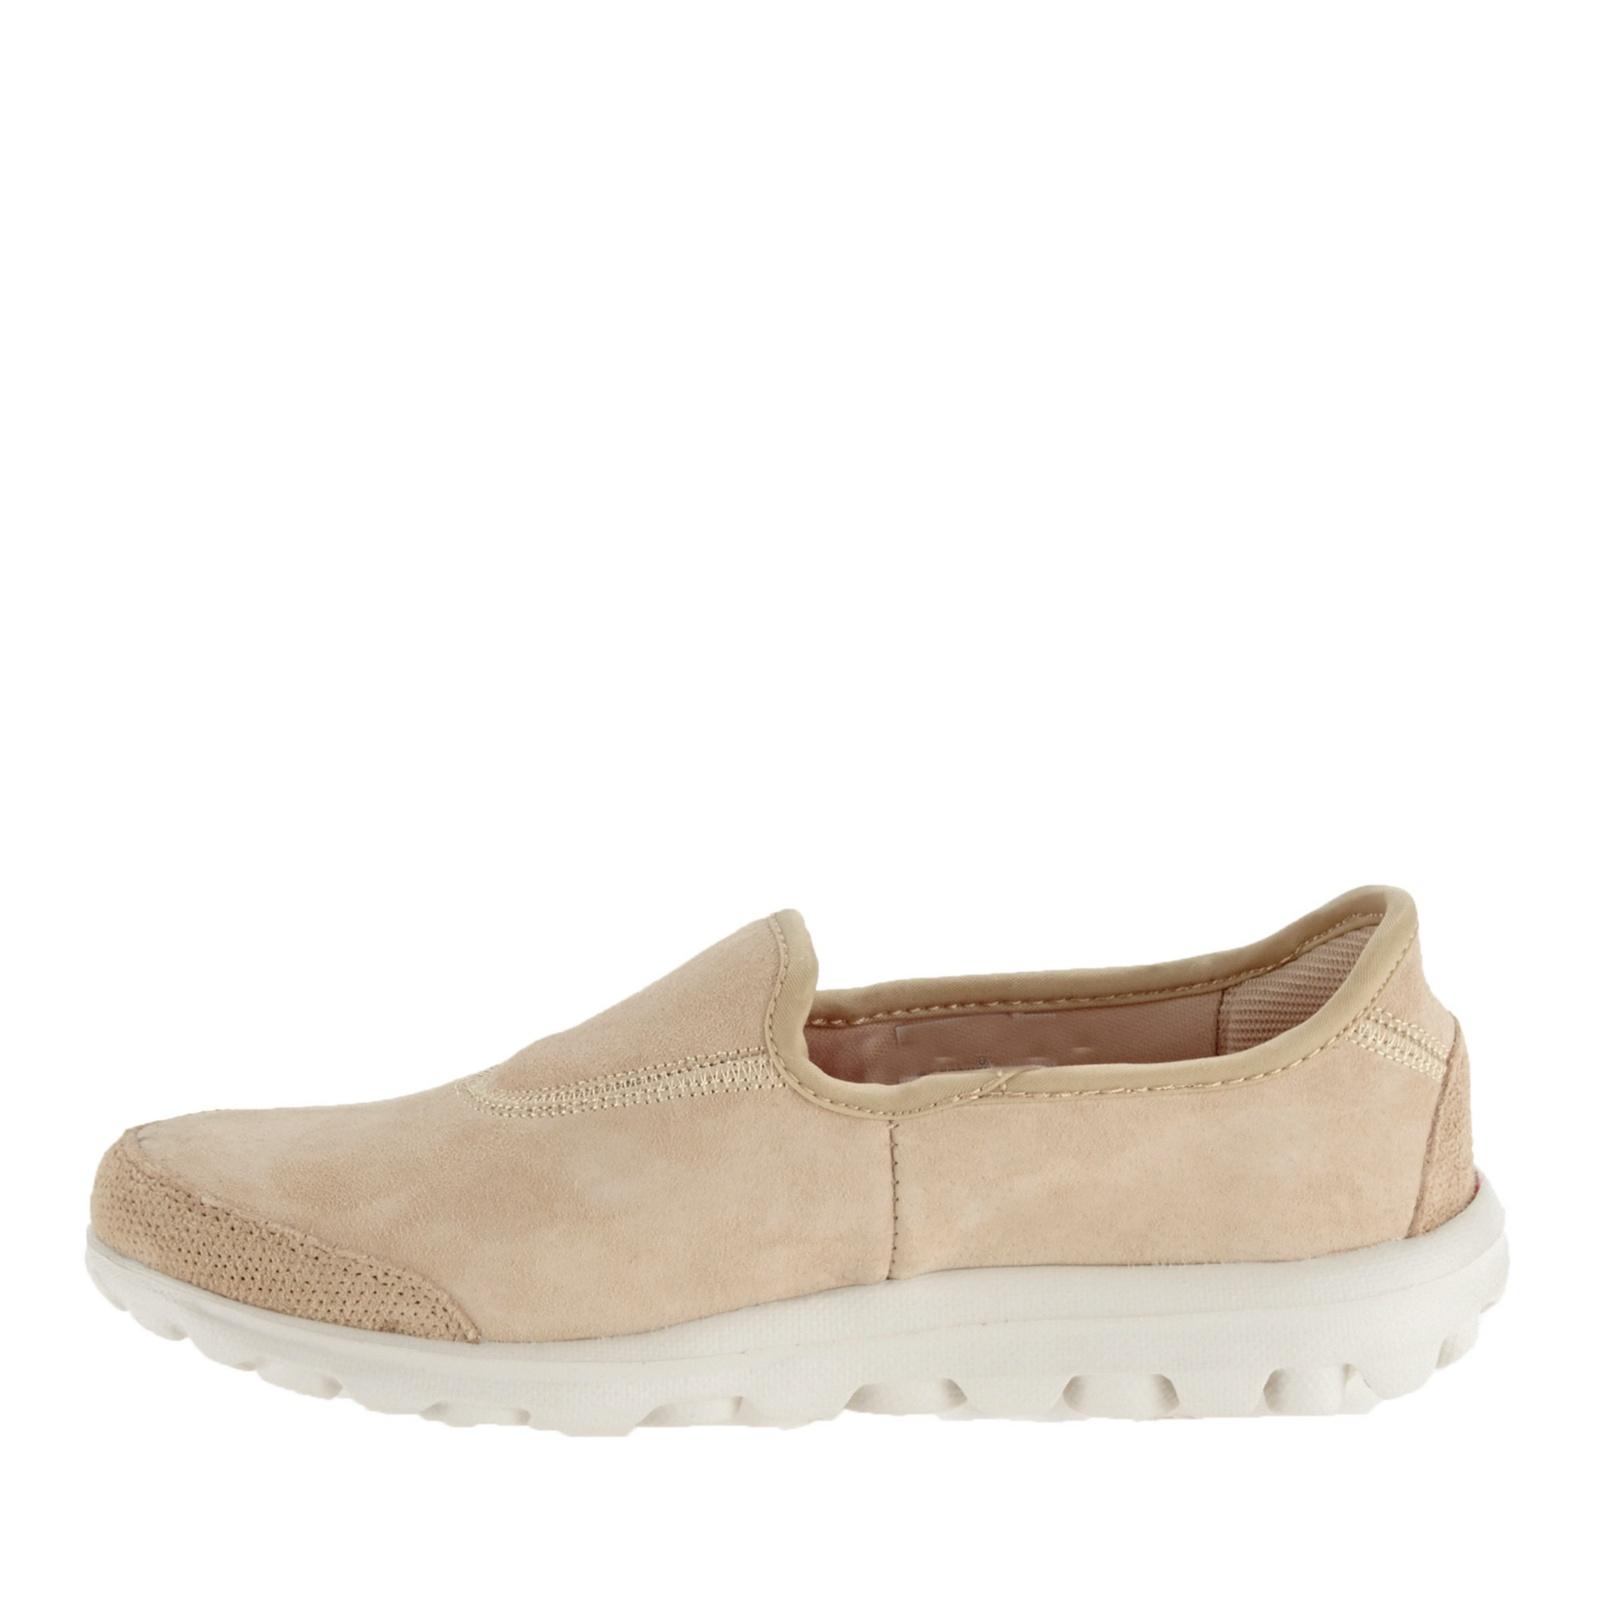 Skechers Womens Gowalk Winter Slip On Shoes